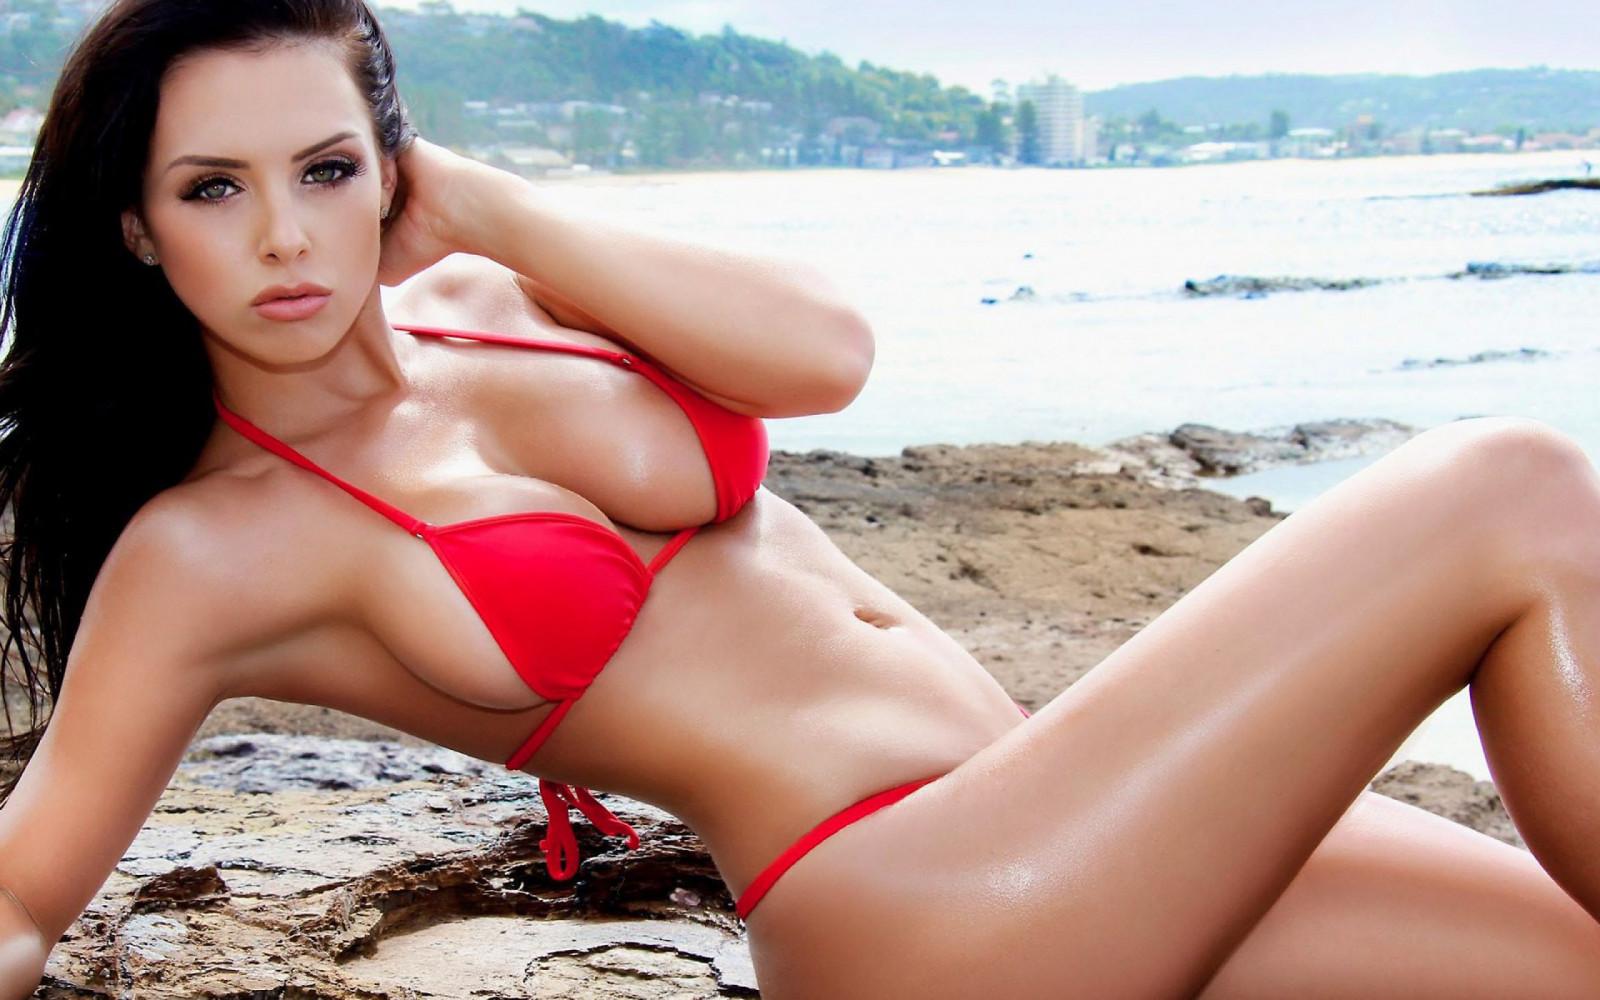 Sexy red bikini model #8